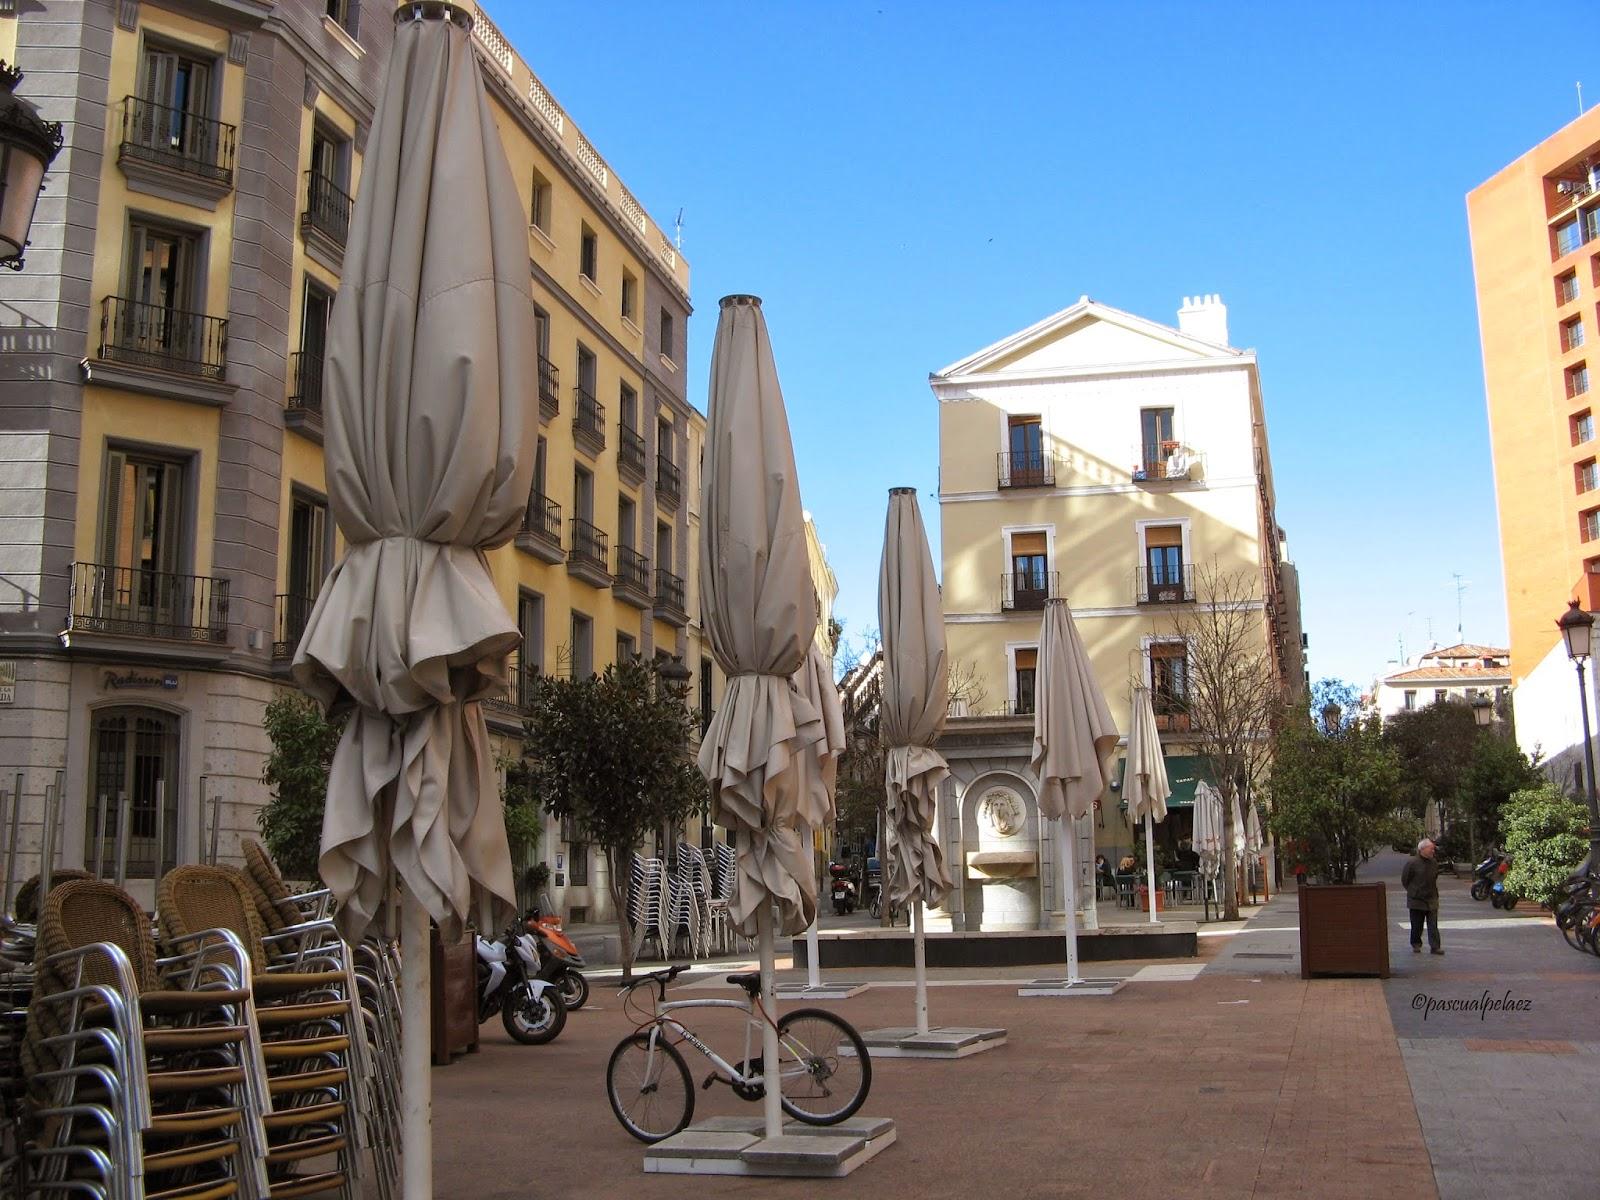 Rincones ibericos madrid calle huertas espa a for Calle prado 9 madrid